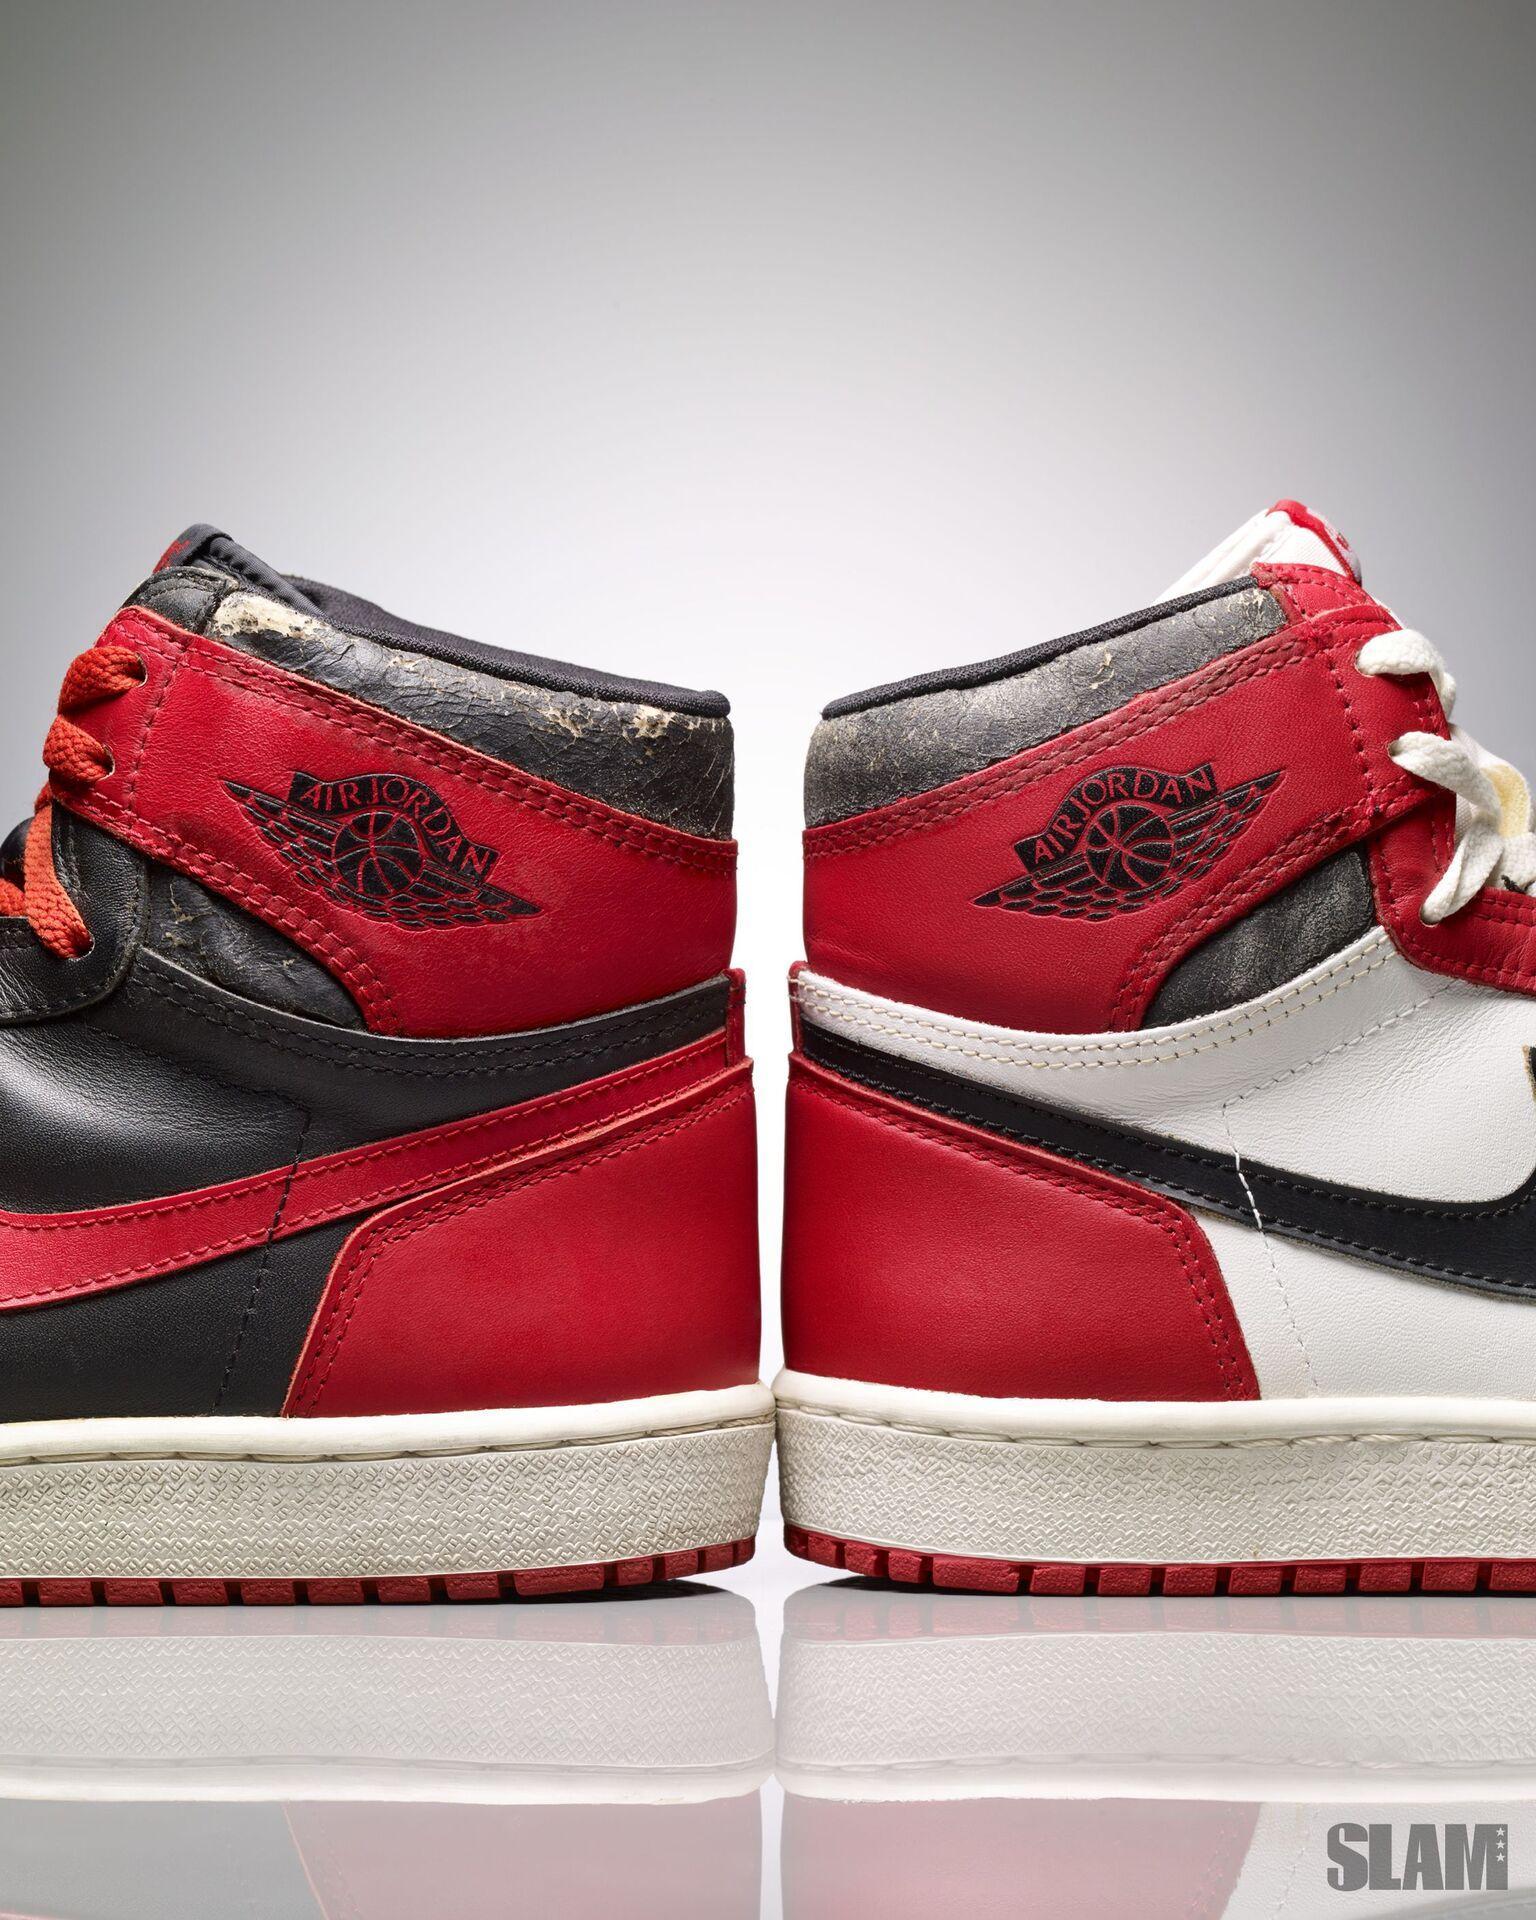 Взлетай: История крылышек на логотипе «Air Jordan». Интервью с создателем Питером Муром